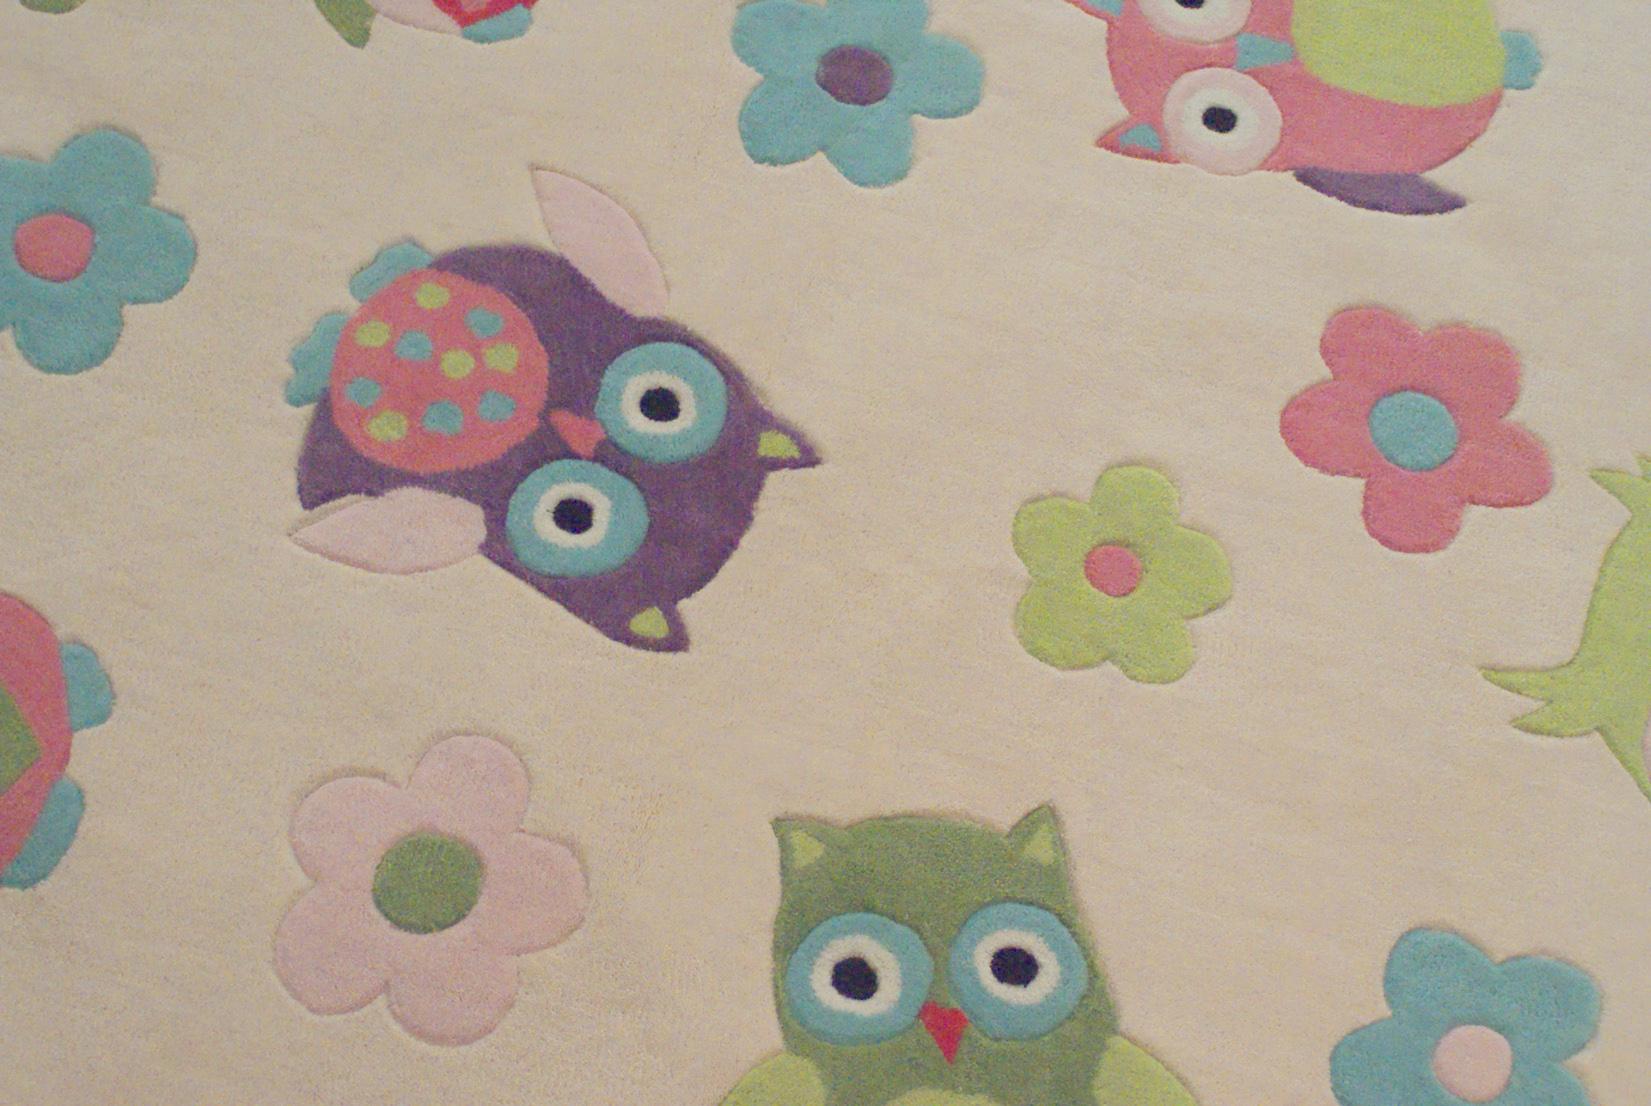 Kinderteppich eule  Kinderteppich EULE multicolour pastell 135x190cm